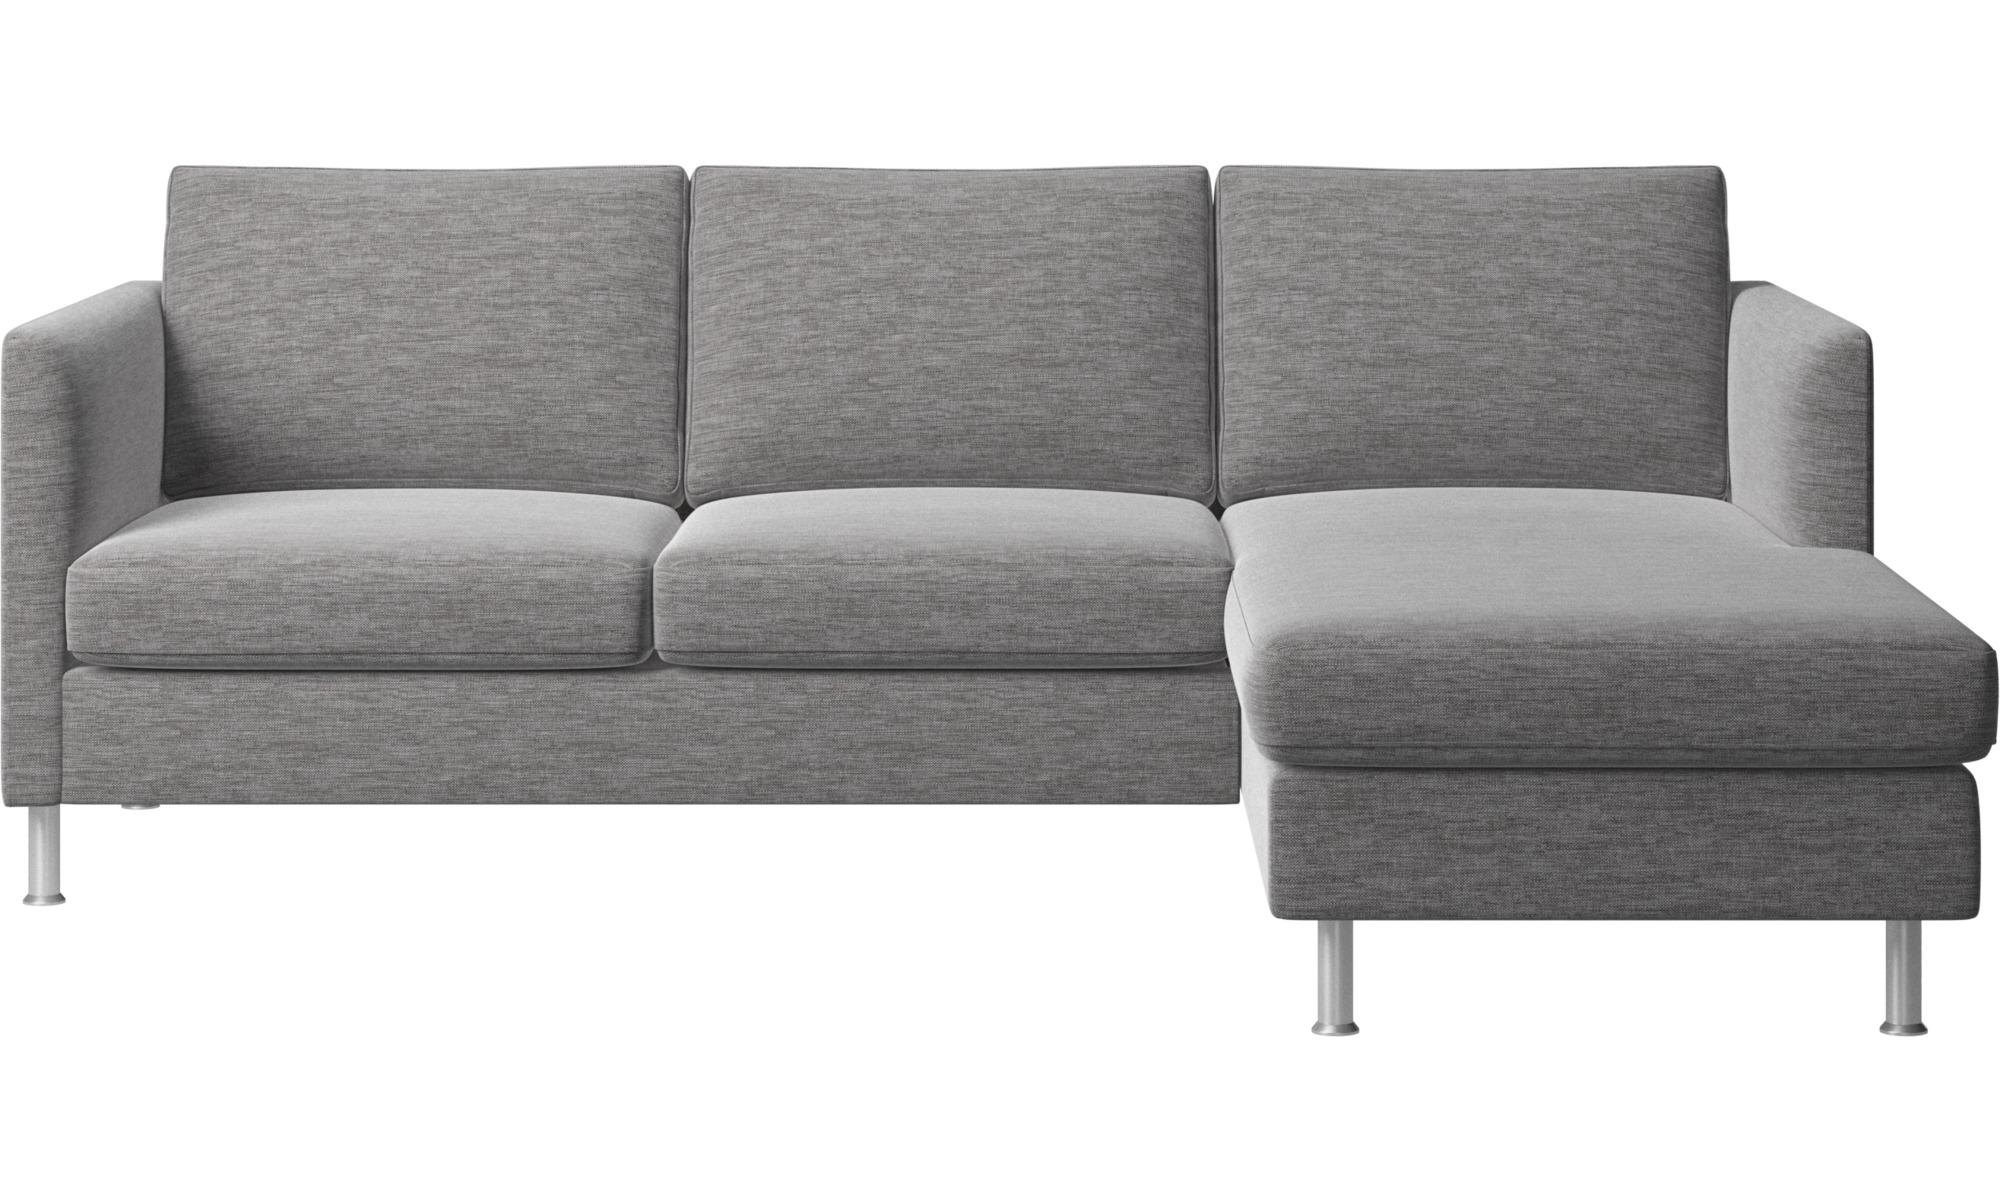 Canapés avec chaise longue - Canapé Indivi avec chaise longue - Gris - Tissu